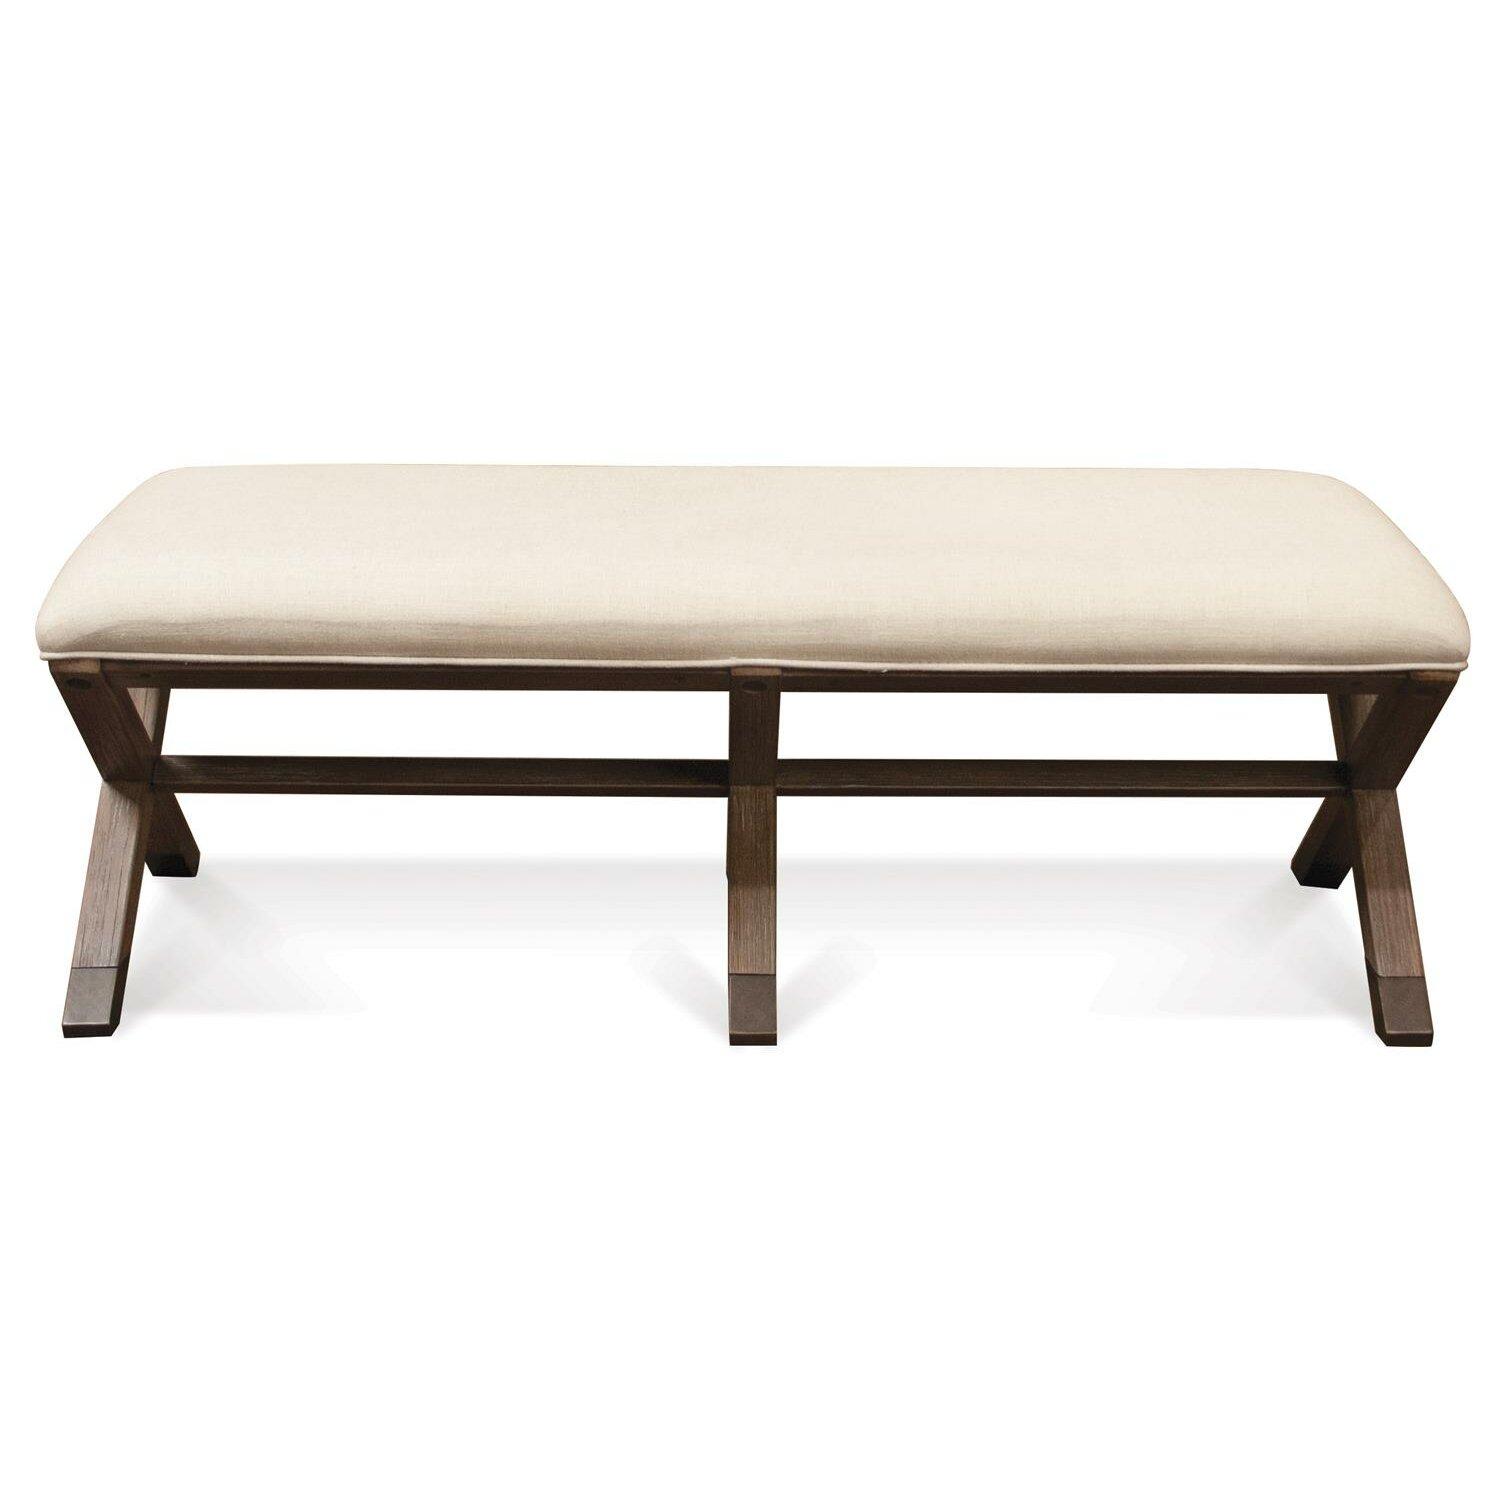 august grove lyons wood bedroom bench reviews wayfair